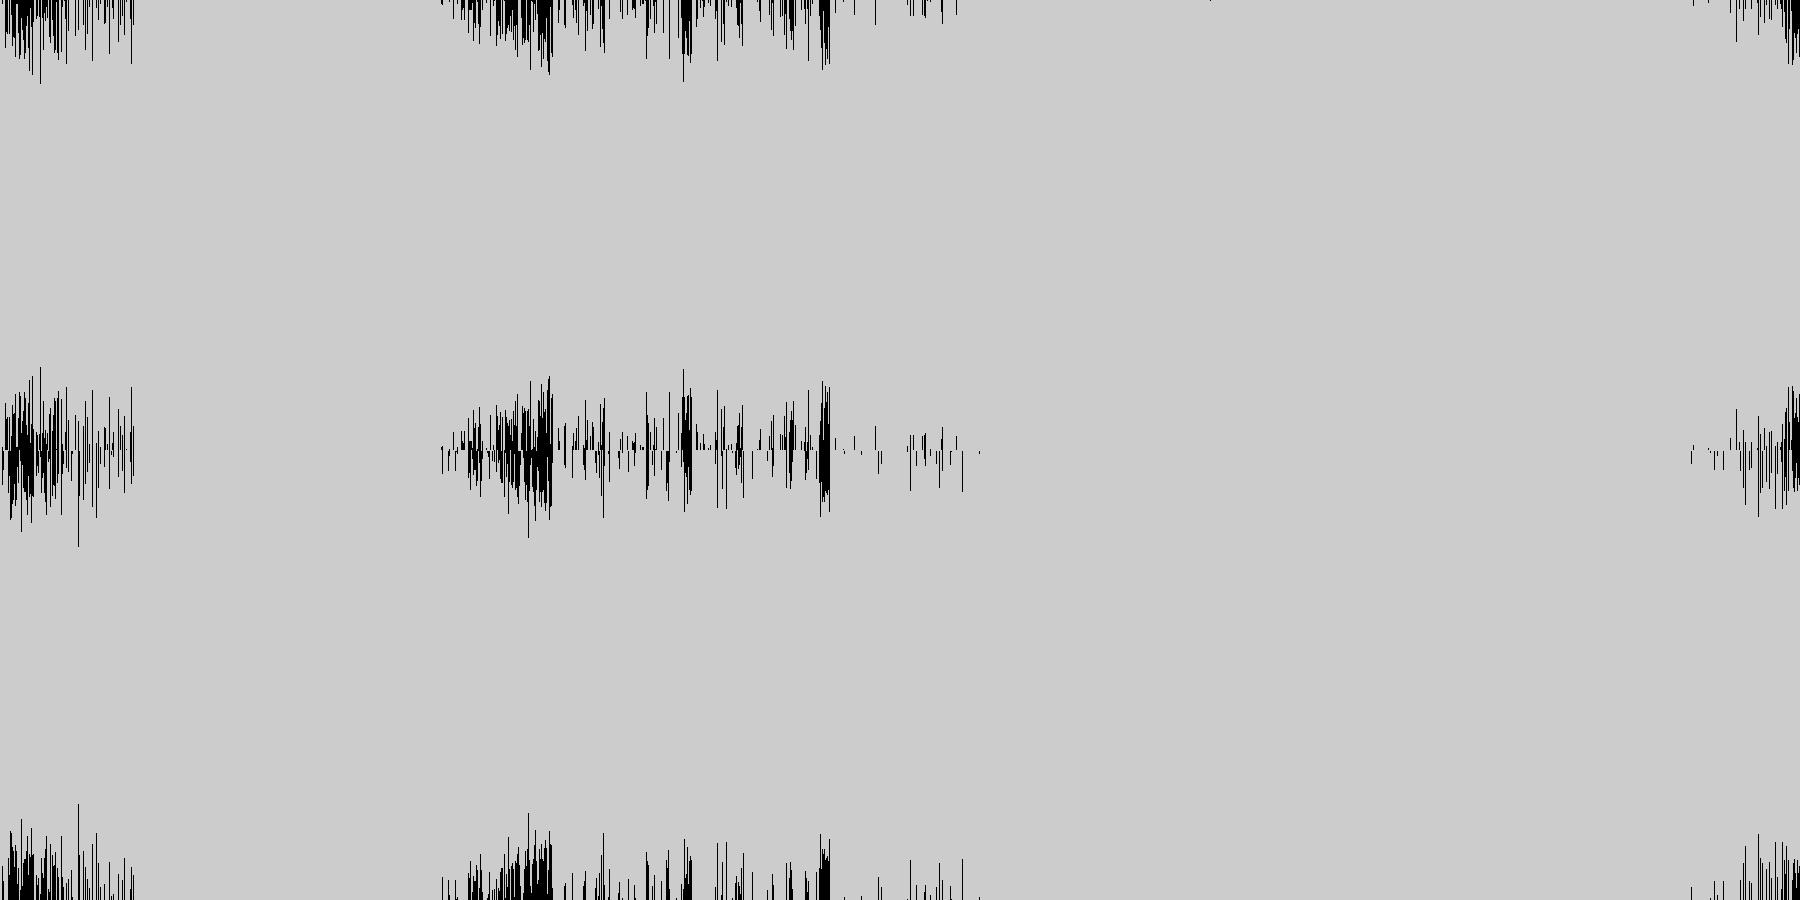 サイバーなイメージのトランス(ループ)の未再生の波形